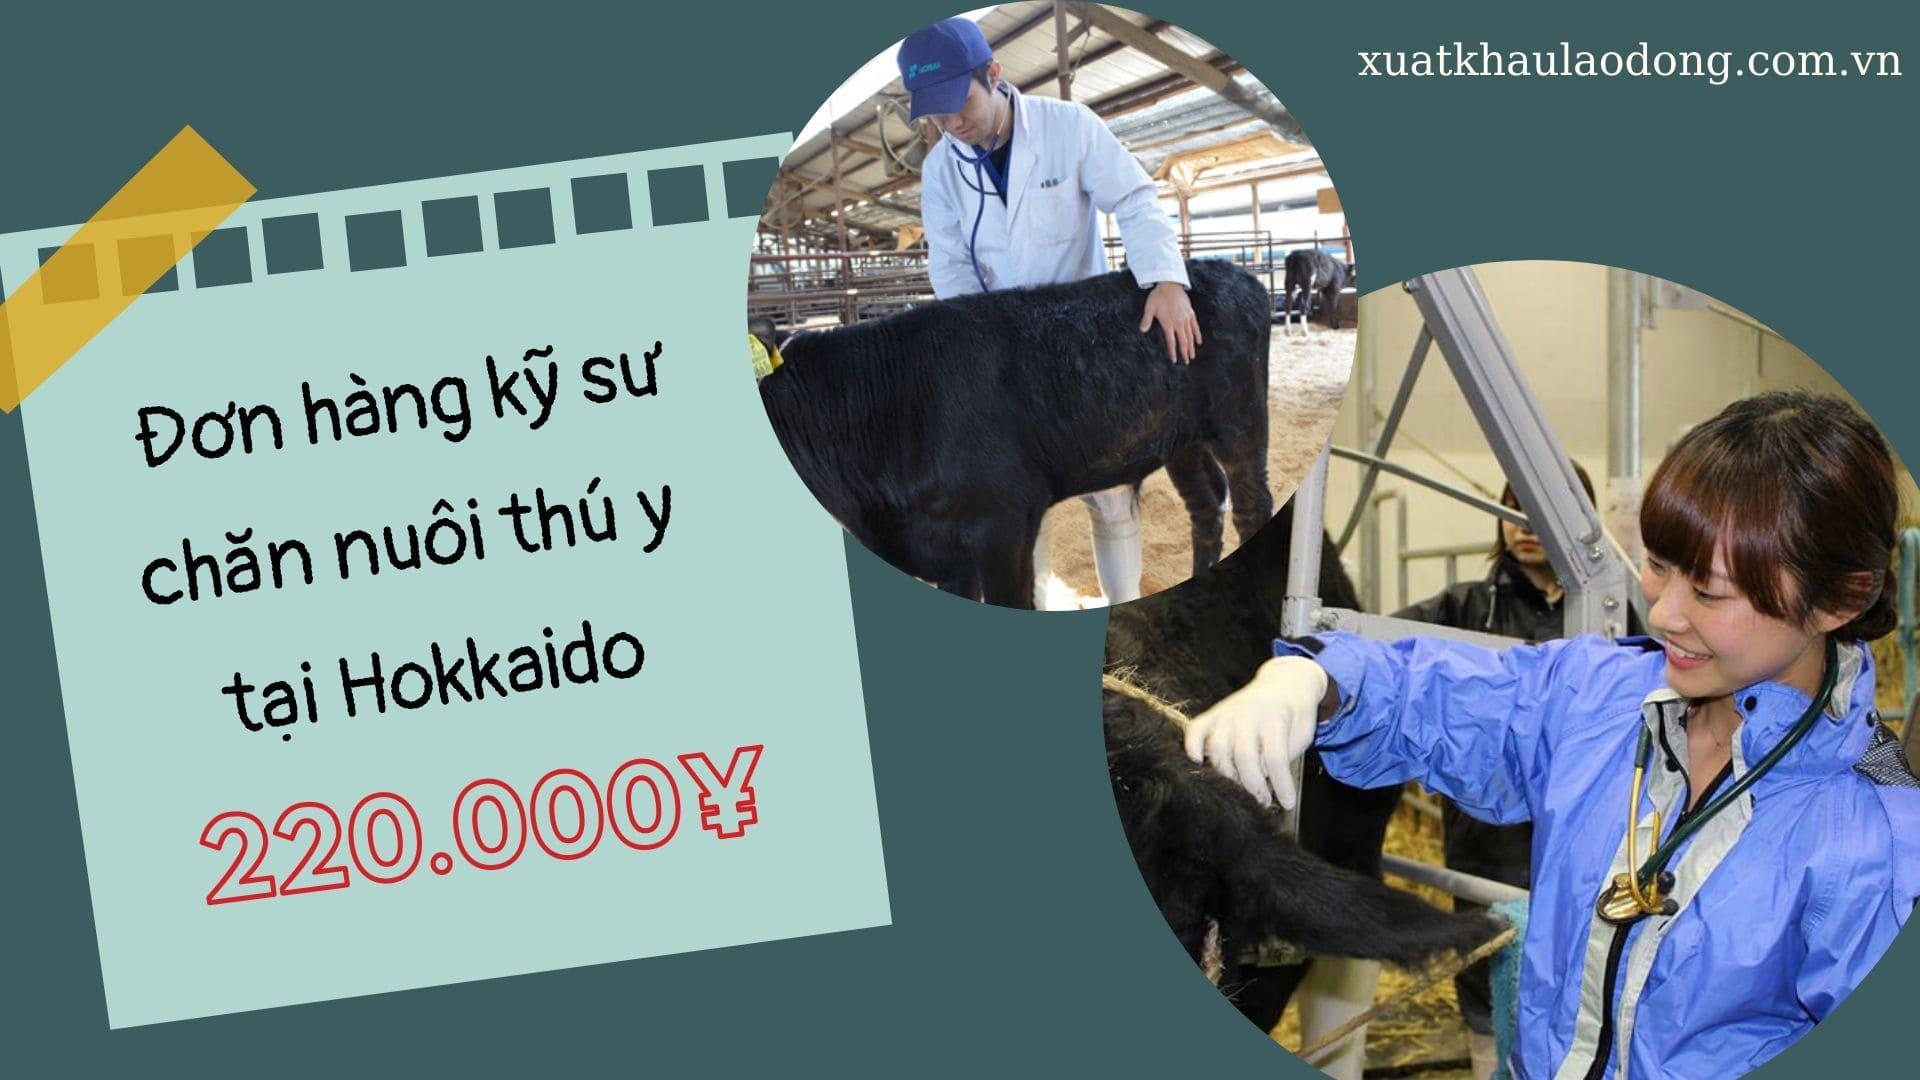 Đơn hàng kỹ sư chăn nuôi thú ý tại Hokkaido HOT NHẤT tháng 06/2020